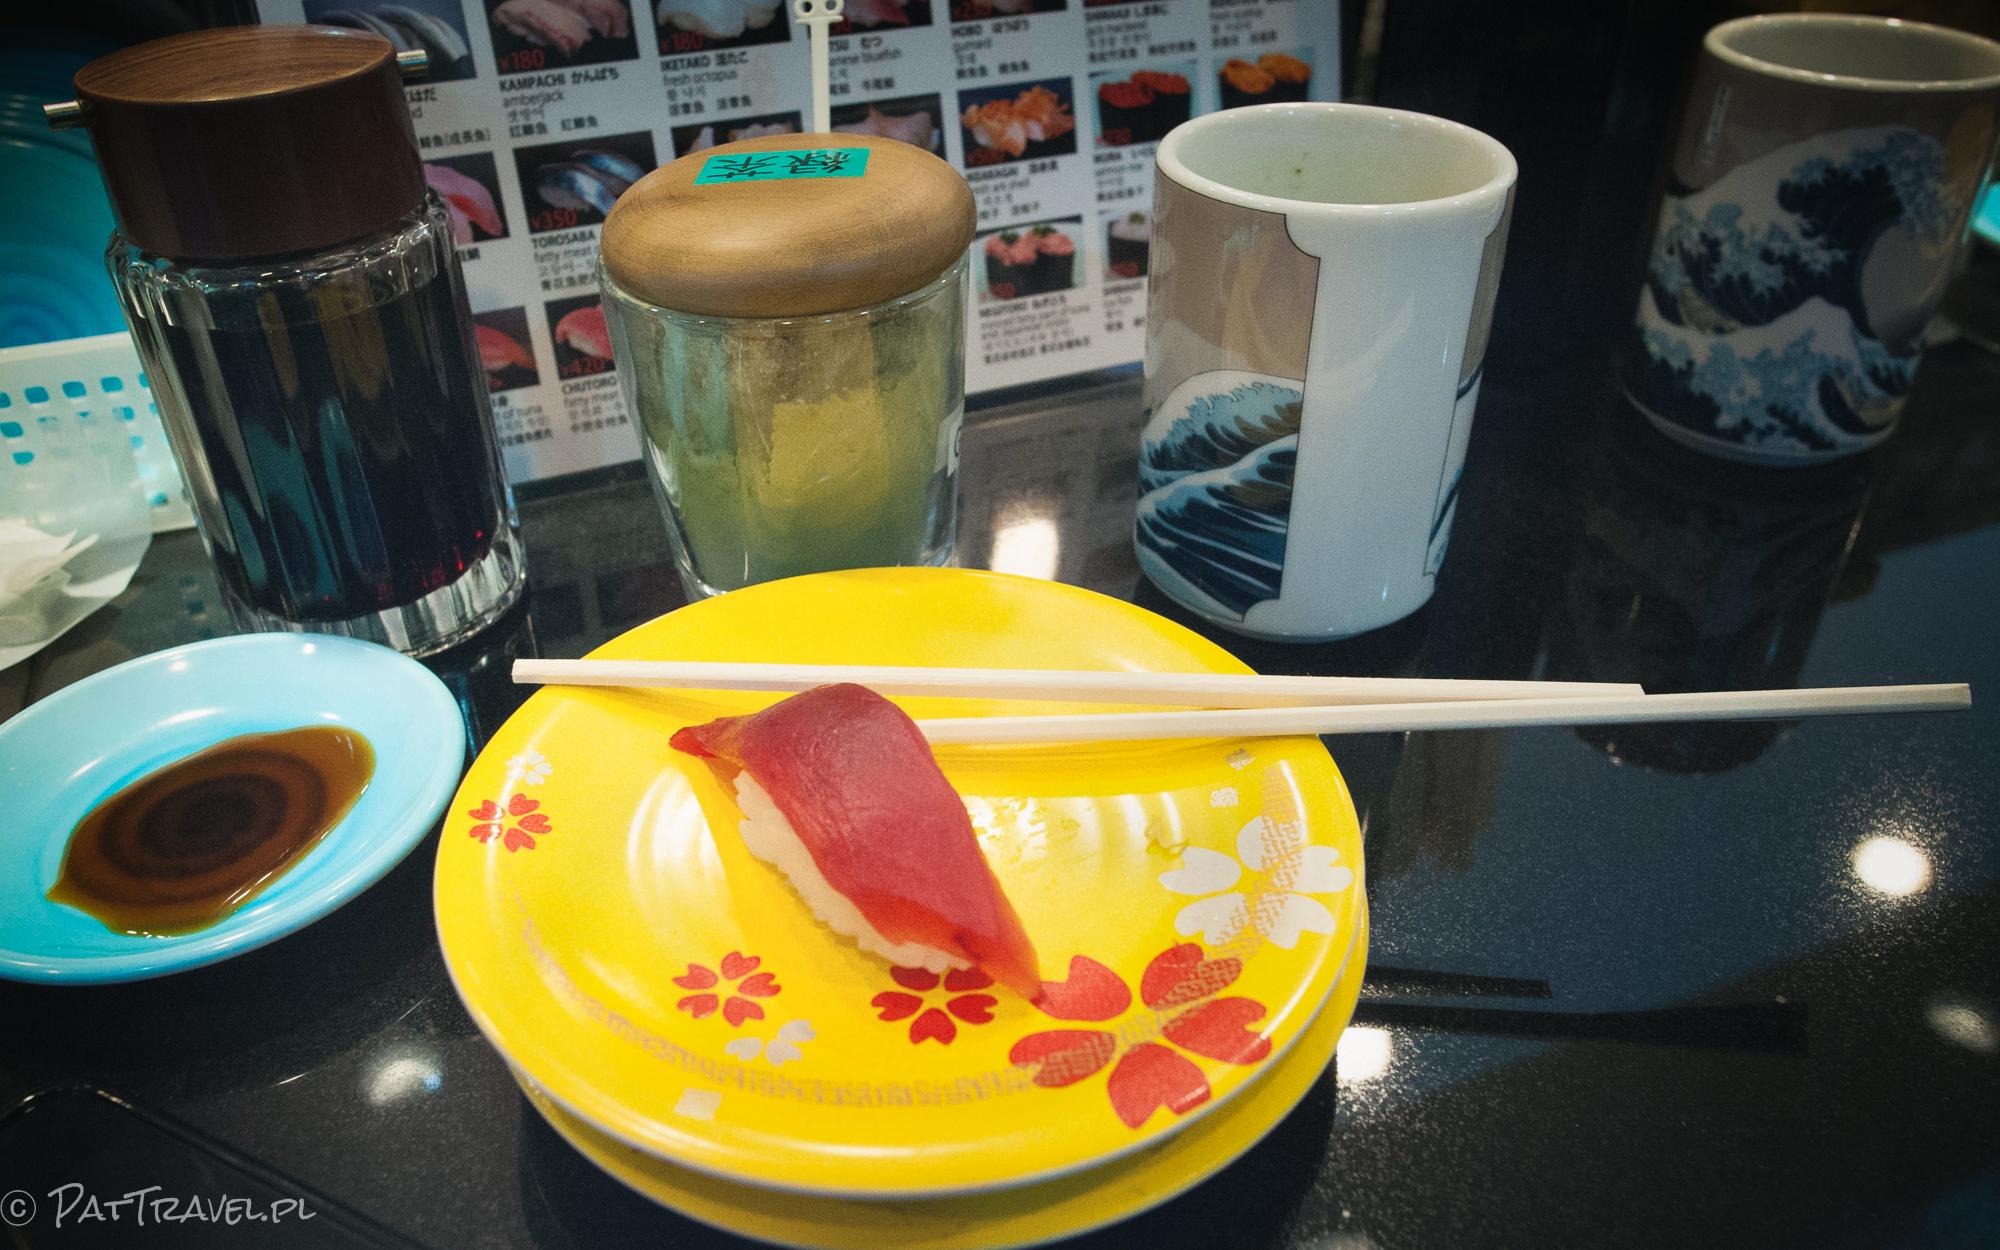 Japonia - sushi - kuchnie świata. Autorka zdjęcia: Patrycja Gruca